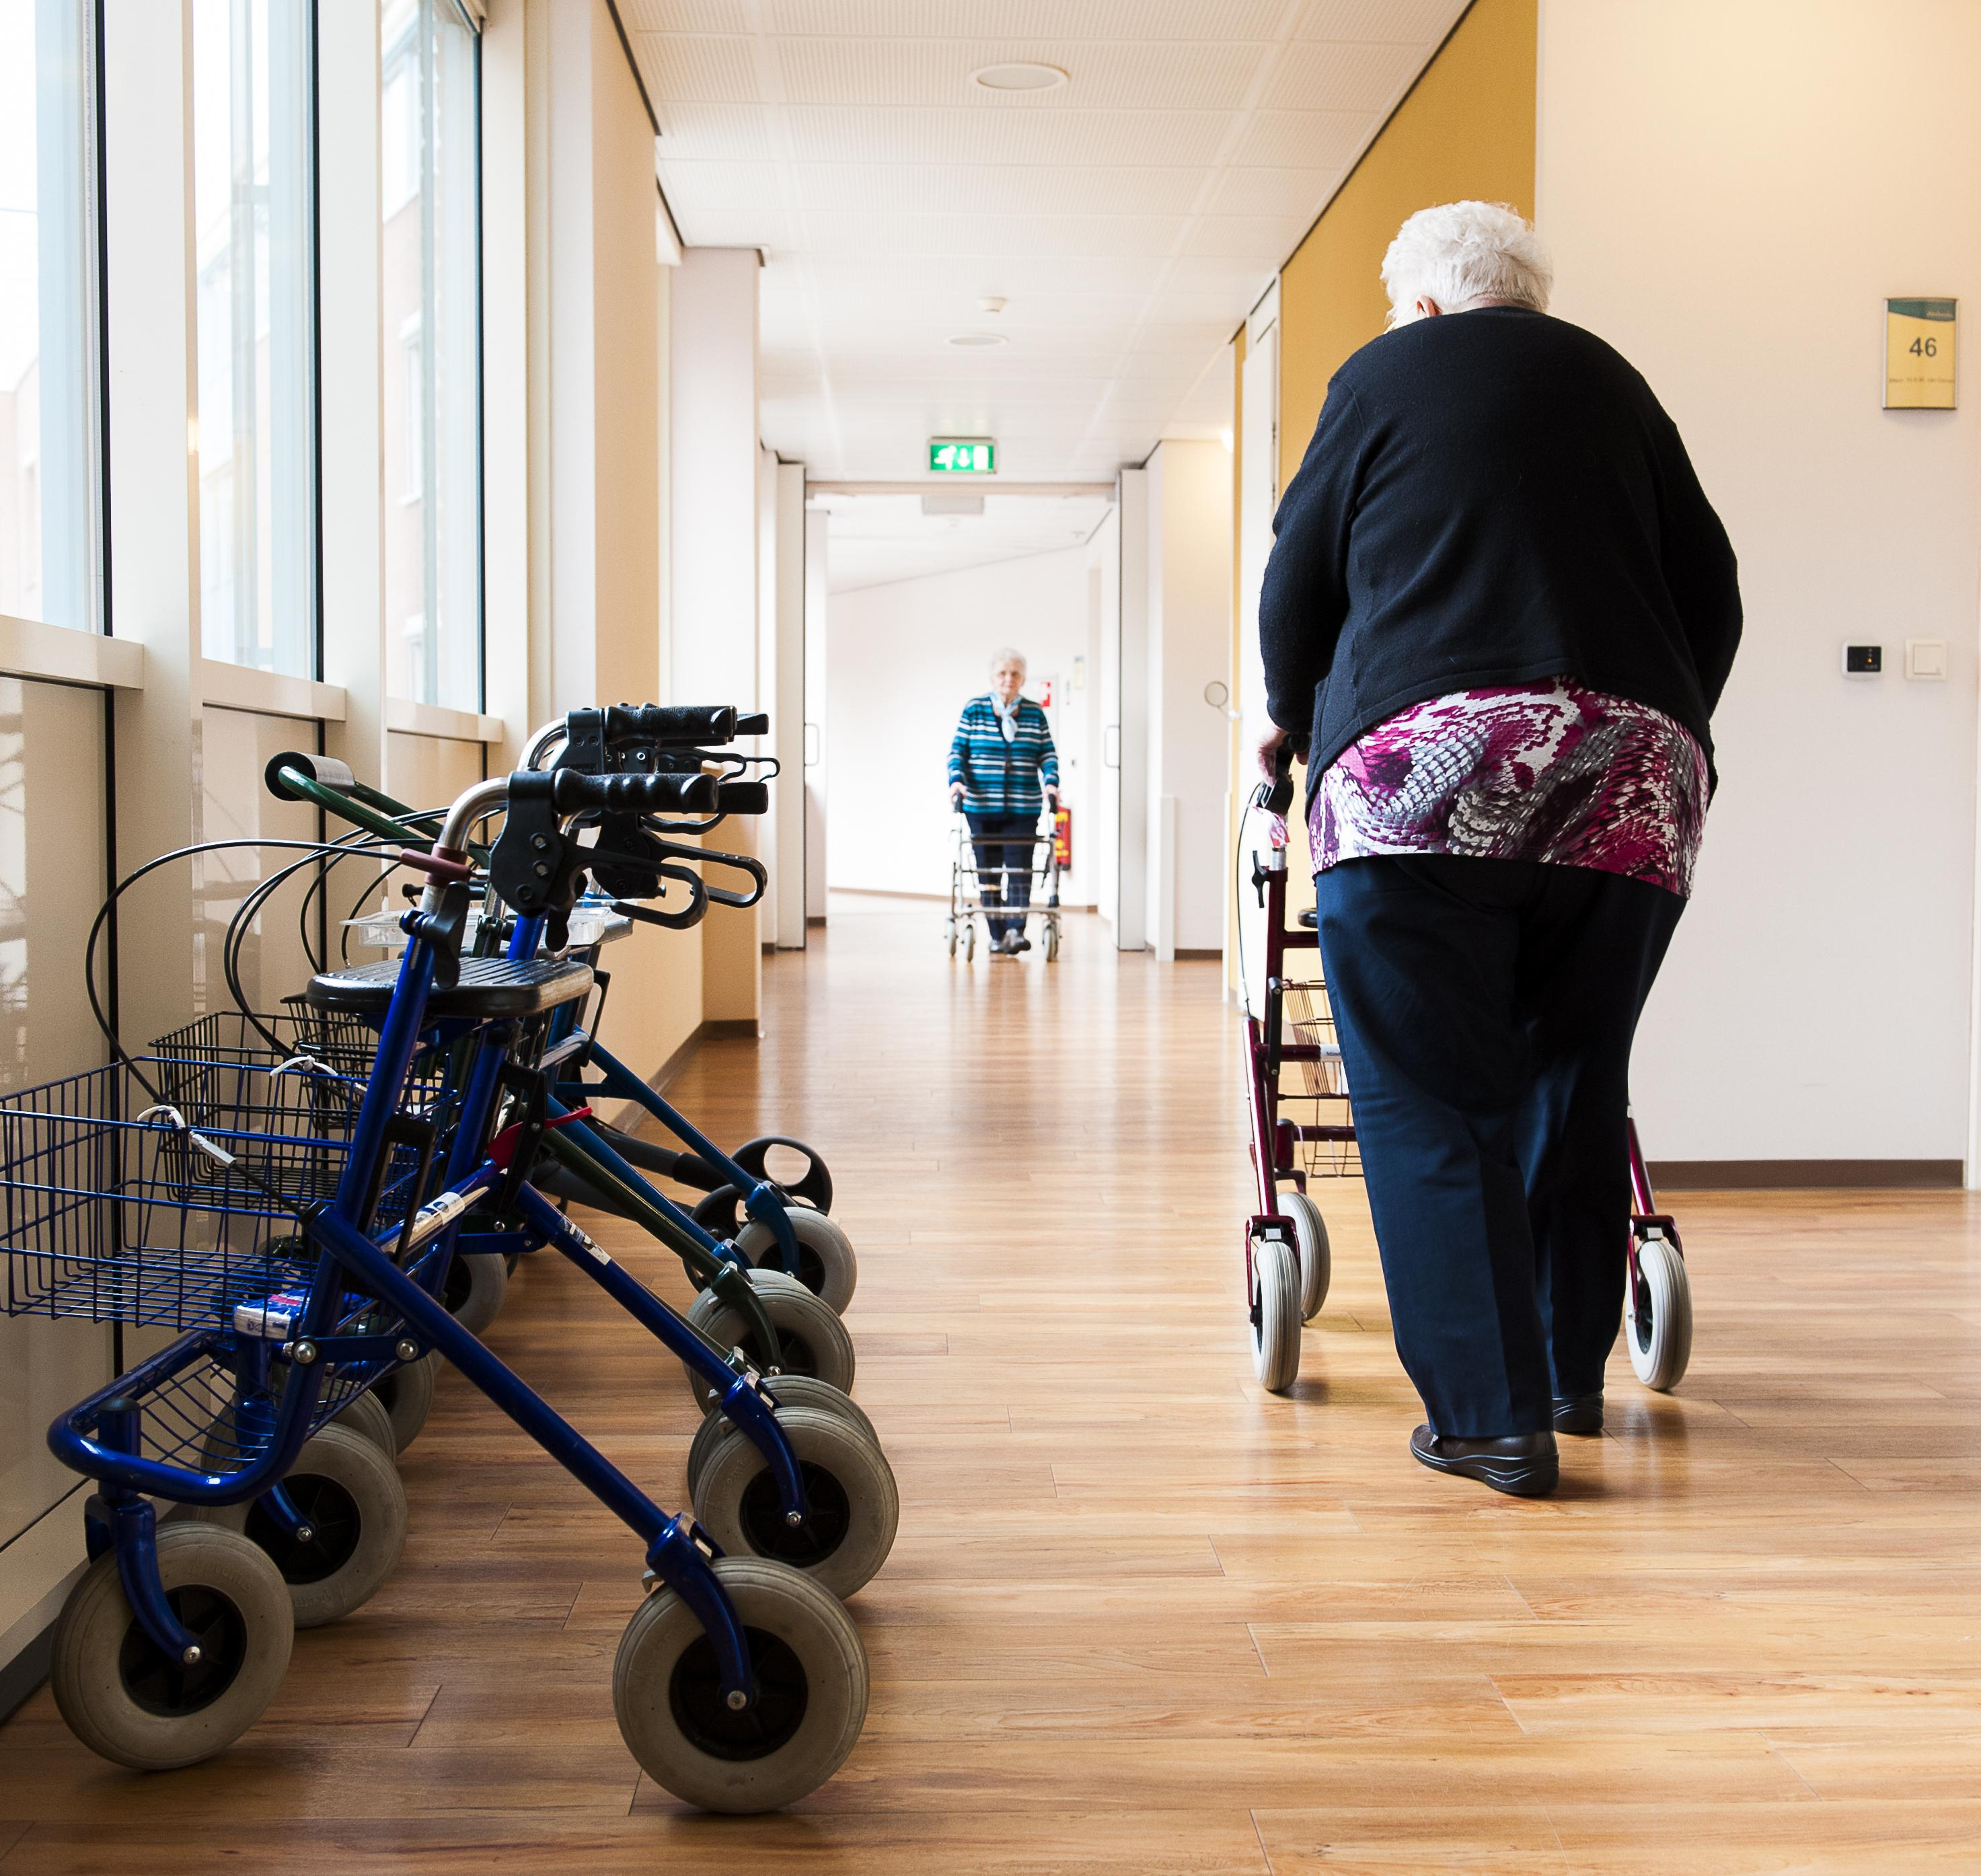 Geen nieuwe dagbesteding voor demente mensen in 2021, zorgorganisaties gaan niet in op aanbod van gemeenten in Gooi en Vechtstreek